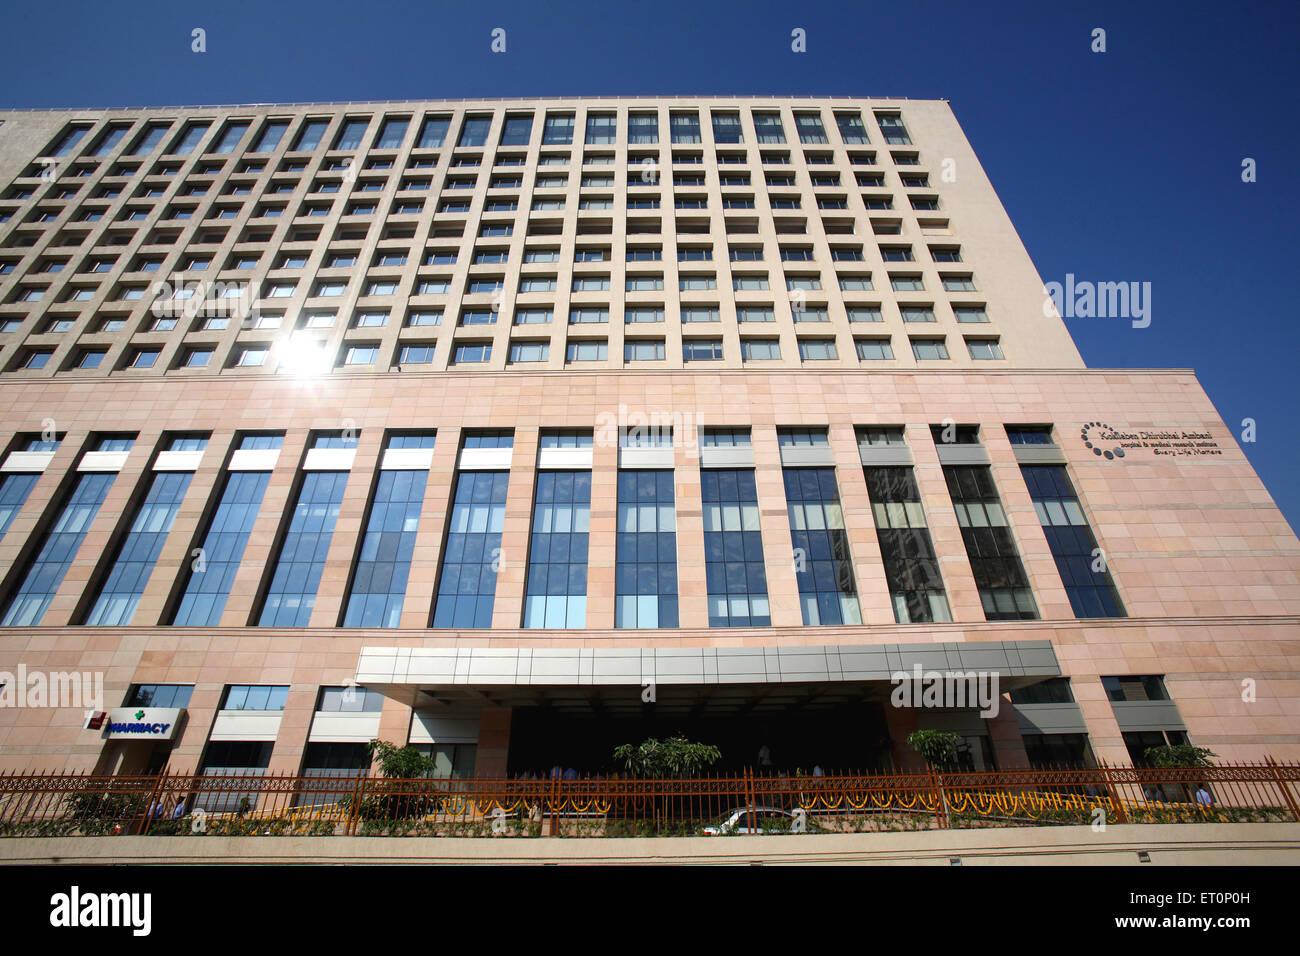 Kokilaben dhirubhai ambani hospital ; Andheri ; Bombay Mumbai ; Maharashtra ; India - Stock Image